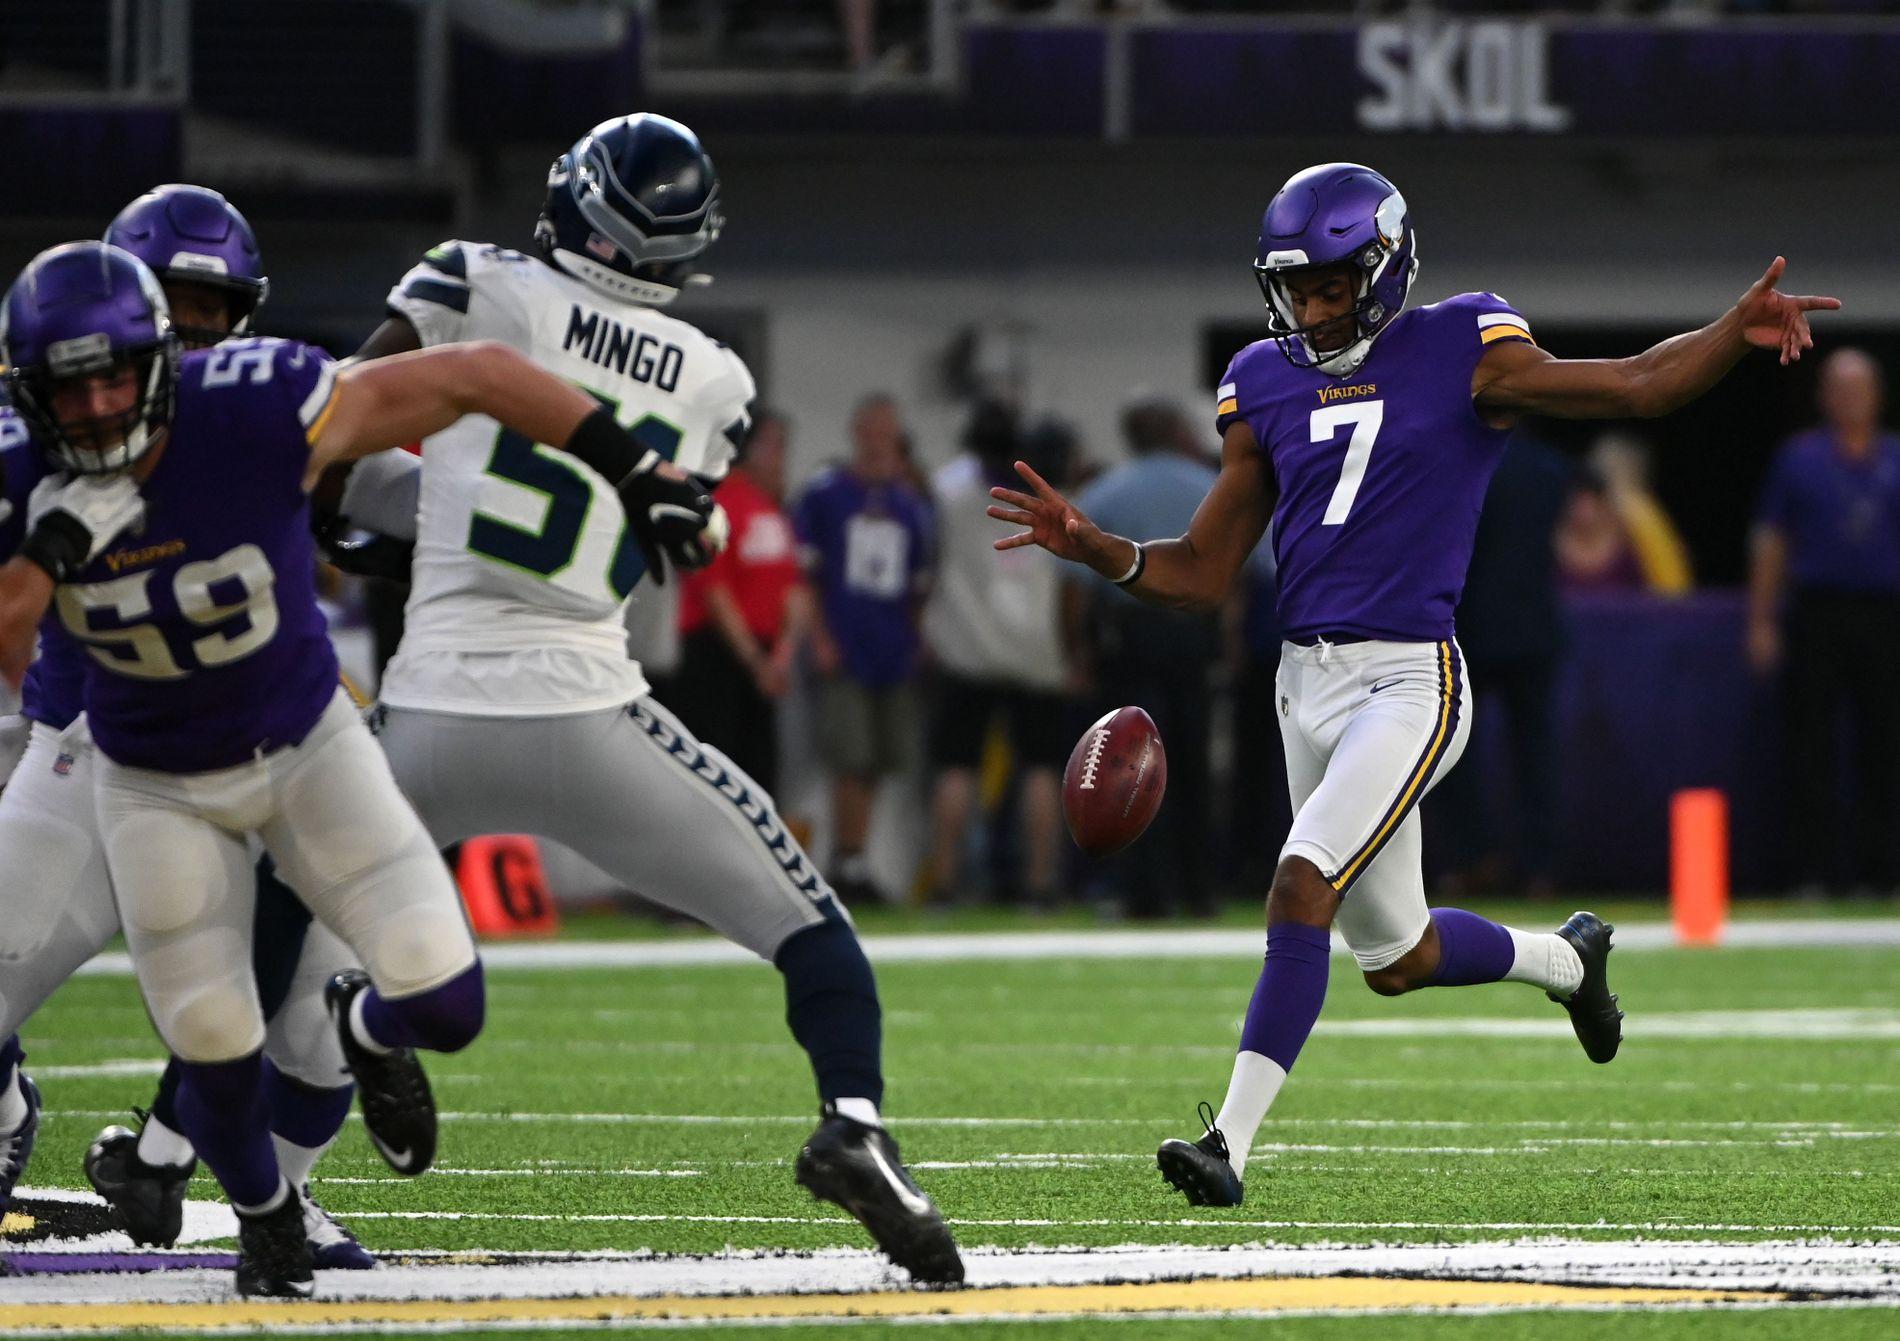 INNENFOR 10: Vedvik imponerte med sitt første spark, et punt som sendte Seattle innenfor sin egen 10 yard-linje.